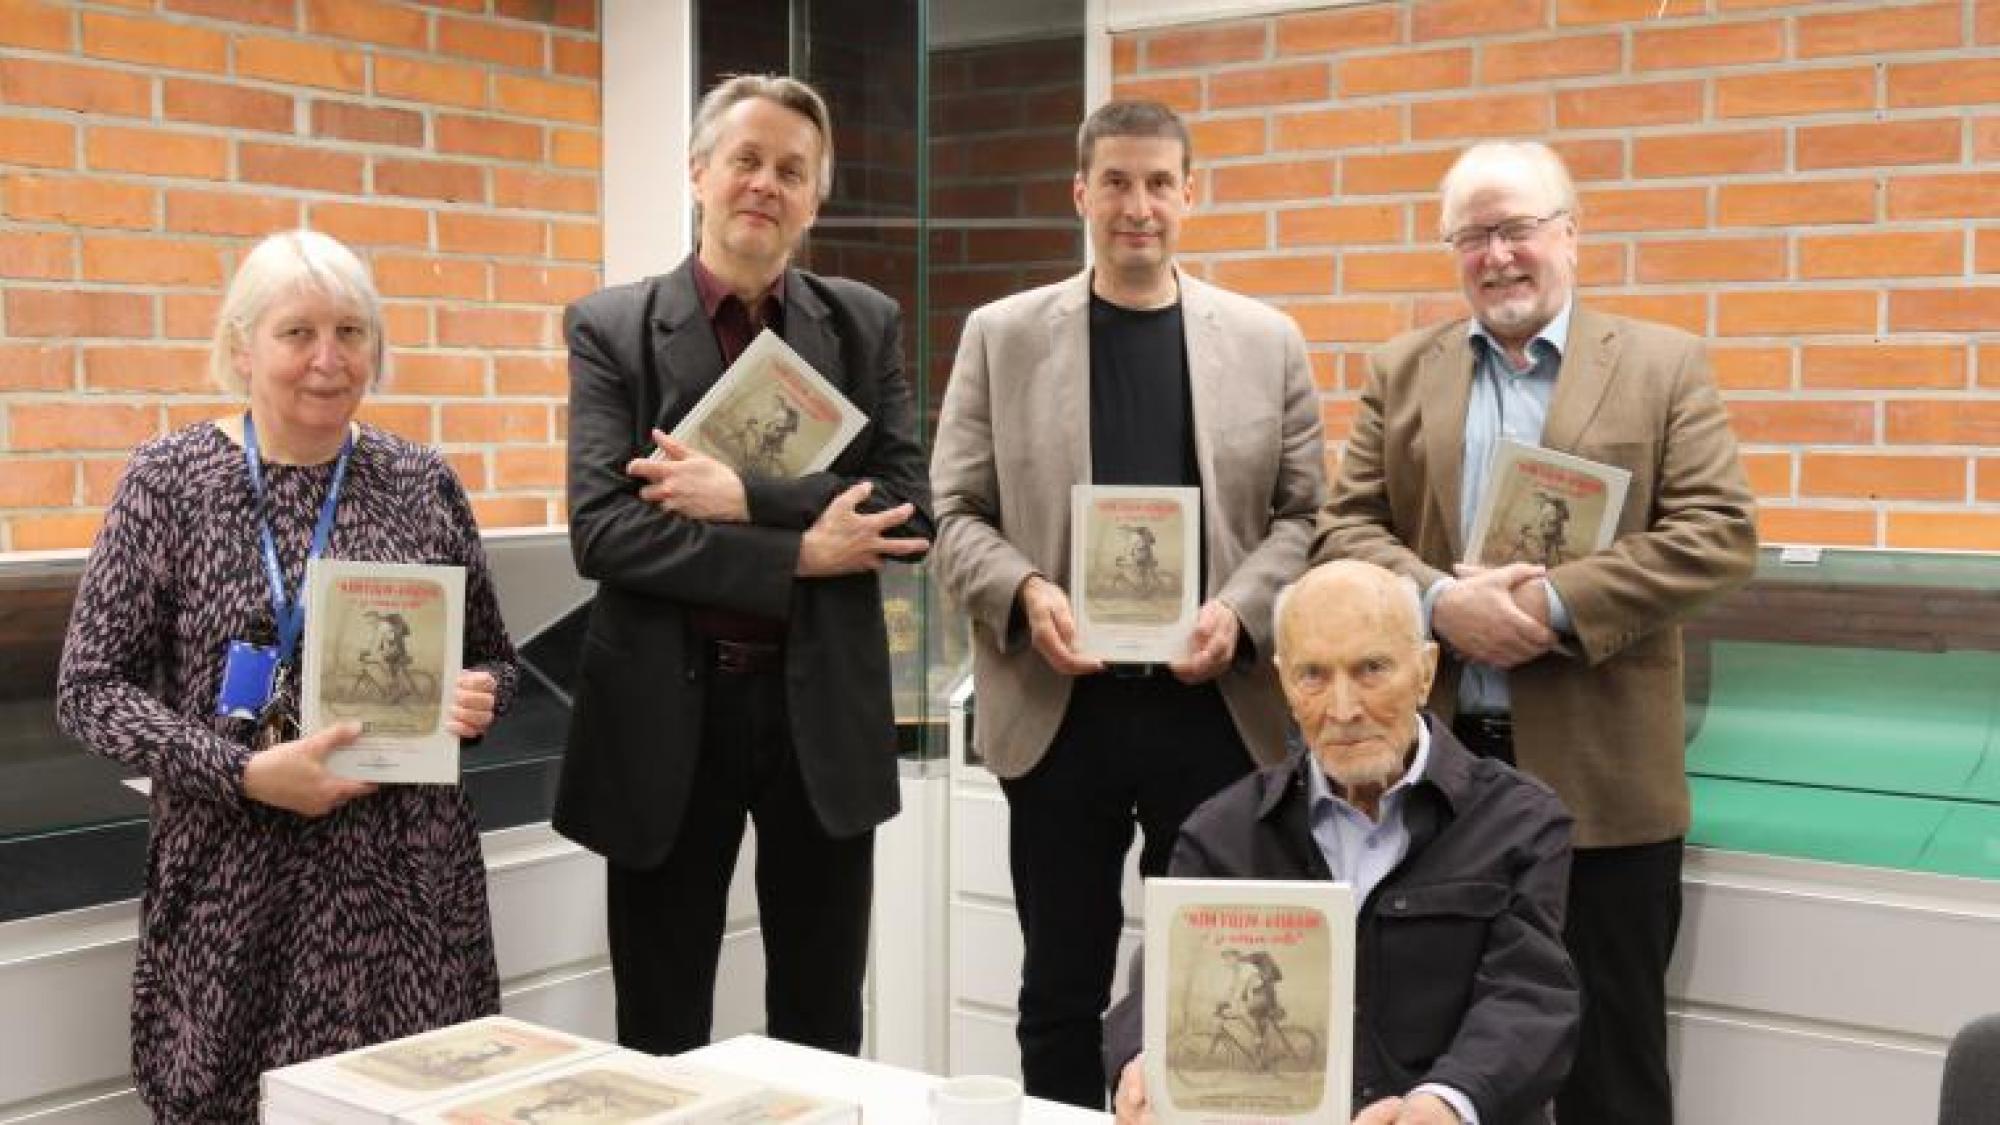 Runoilija Aaro Hellaakosken aikaisemmin julkaisemattomia nuoruuden ajan runoja ja kirjoituksia ensimmäisen kerran julki